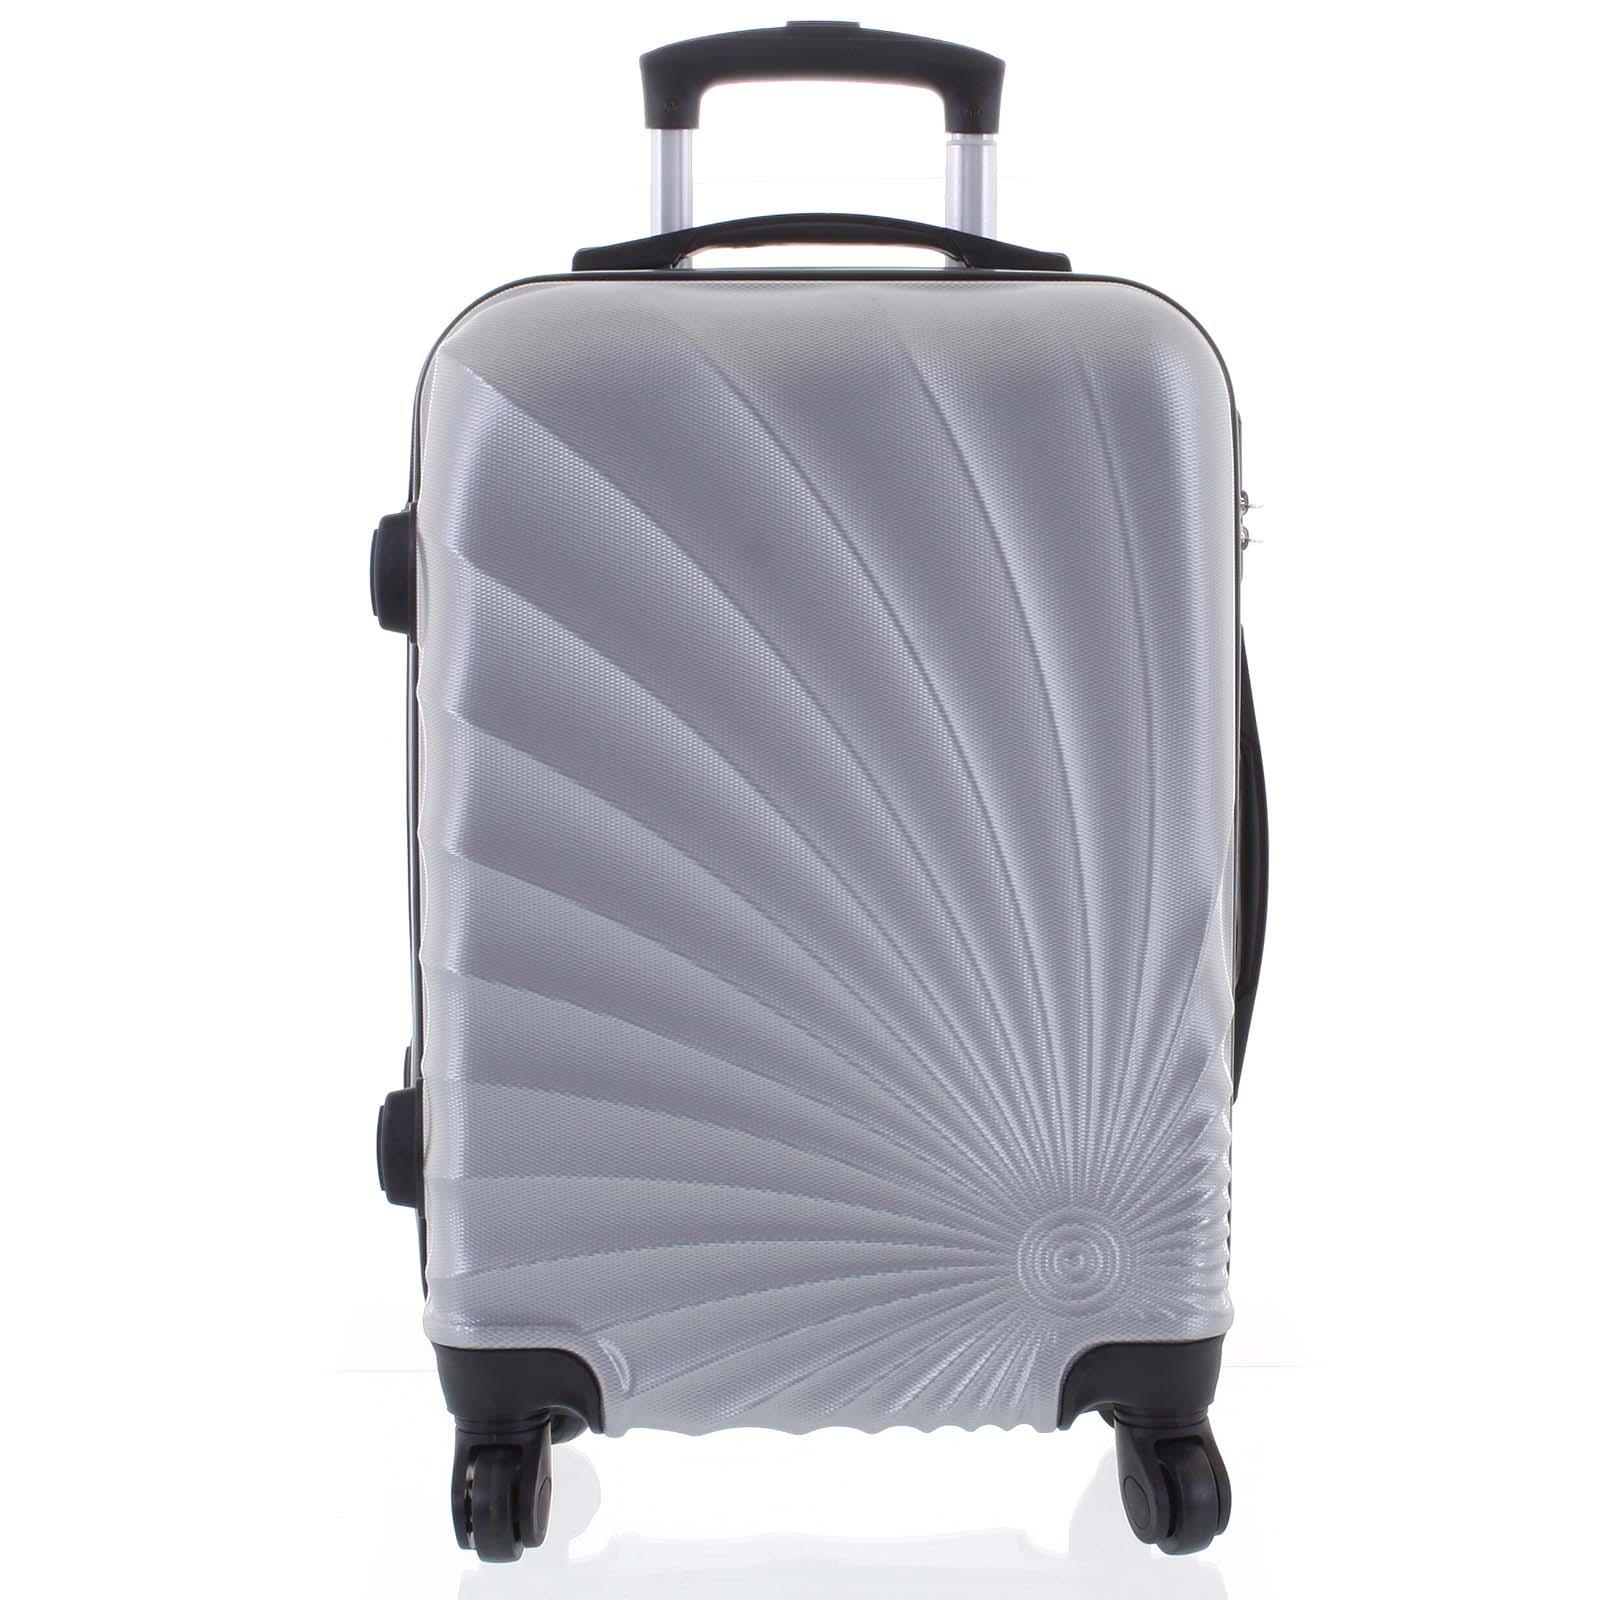 Originálny pevný cestovný kufor svetlostrieborný - Ormi Sheli M